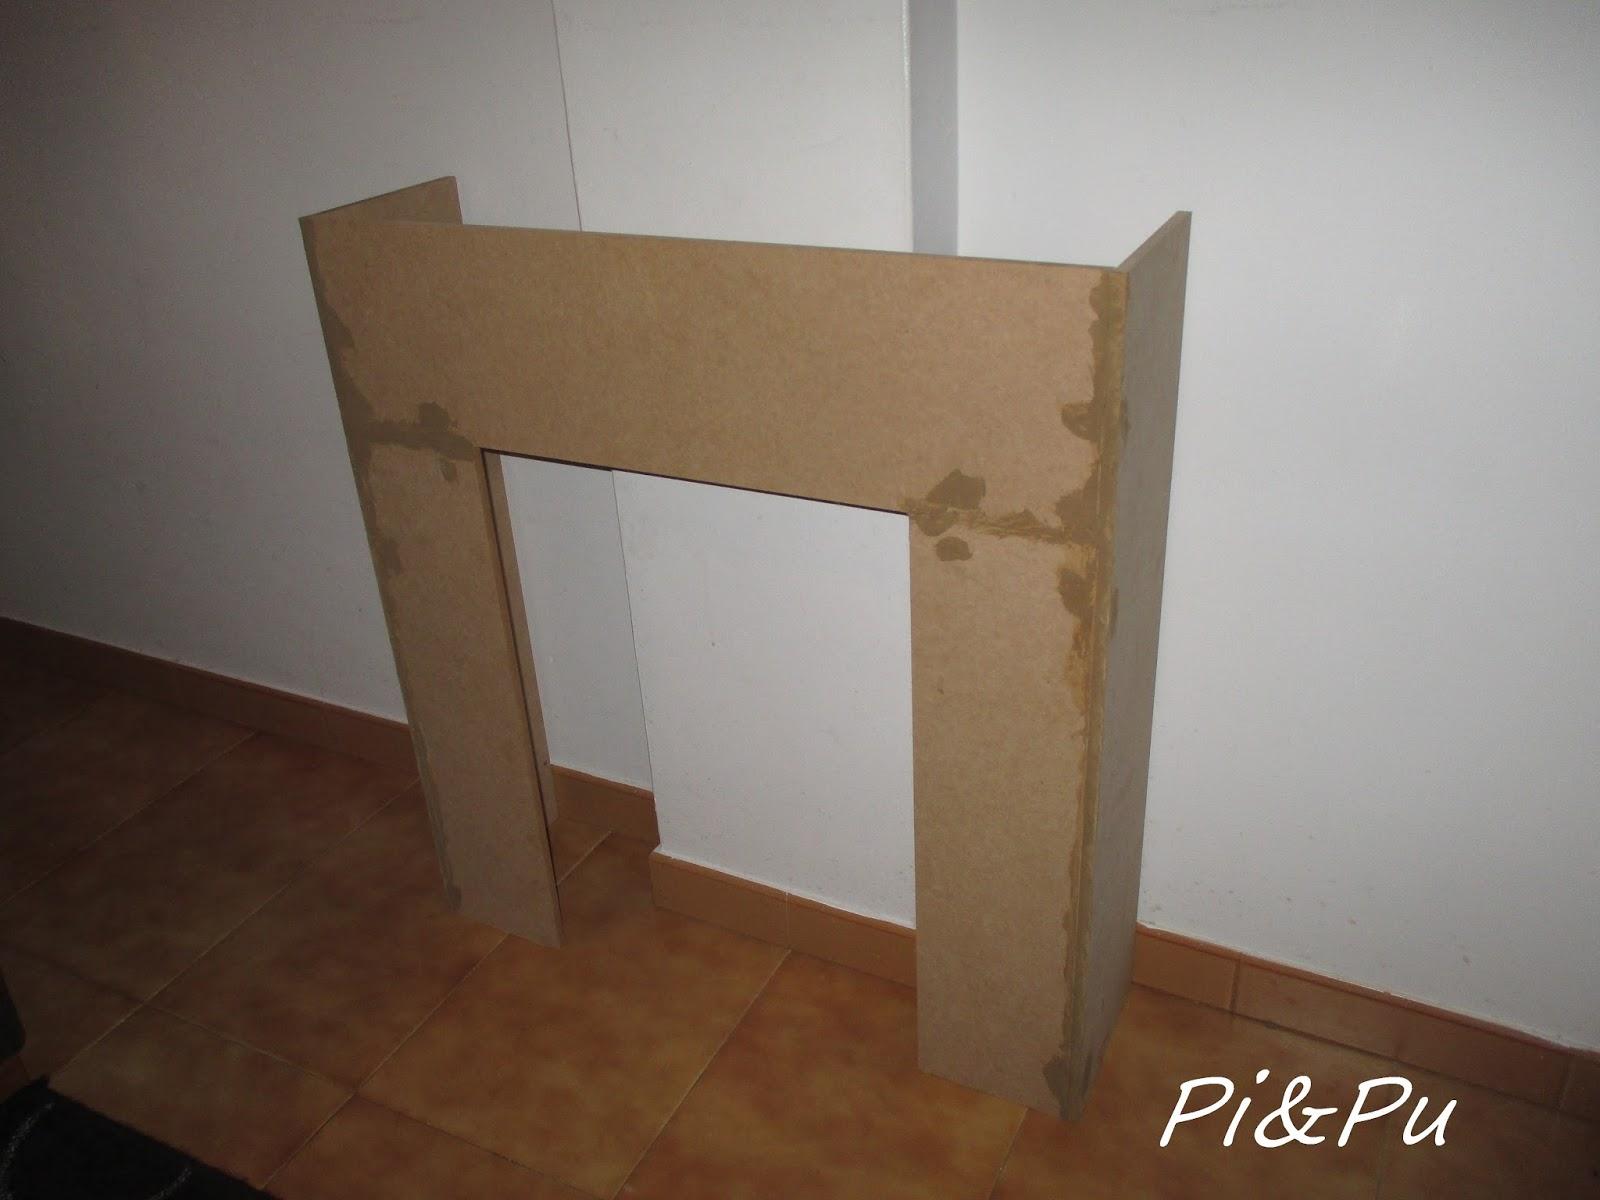 una vez montada he cubierto la base con una plaqueta marrn y le he hecho un marco con una plaqueta imitacin madera clara todo ello pegado con silicona y